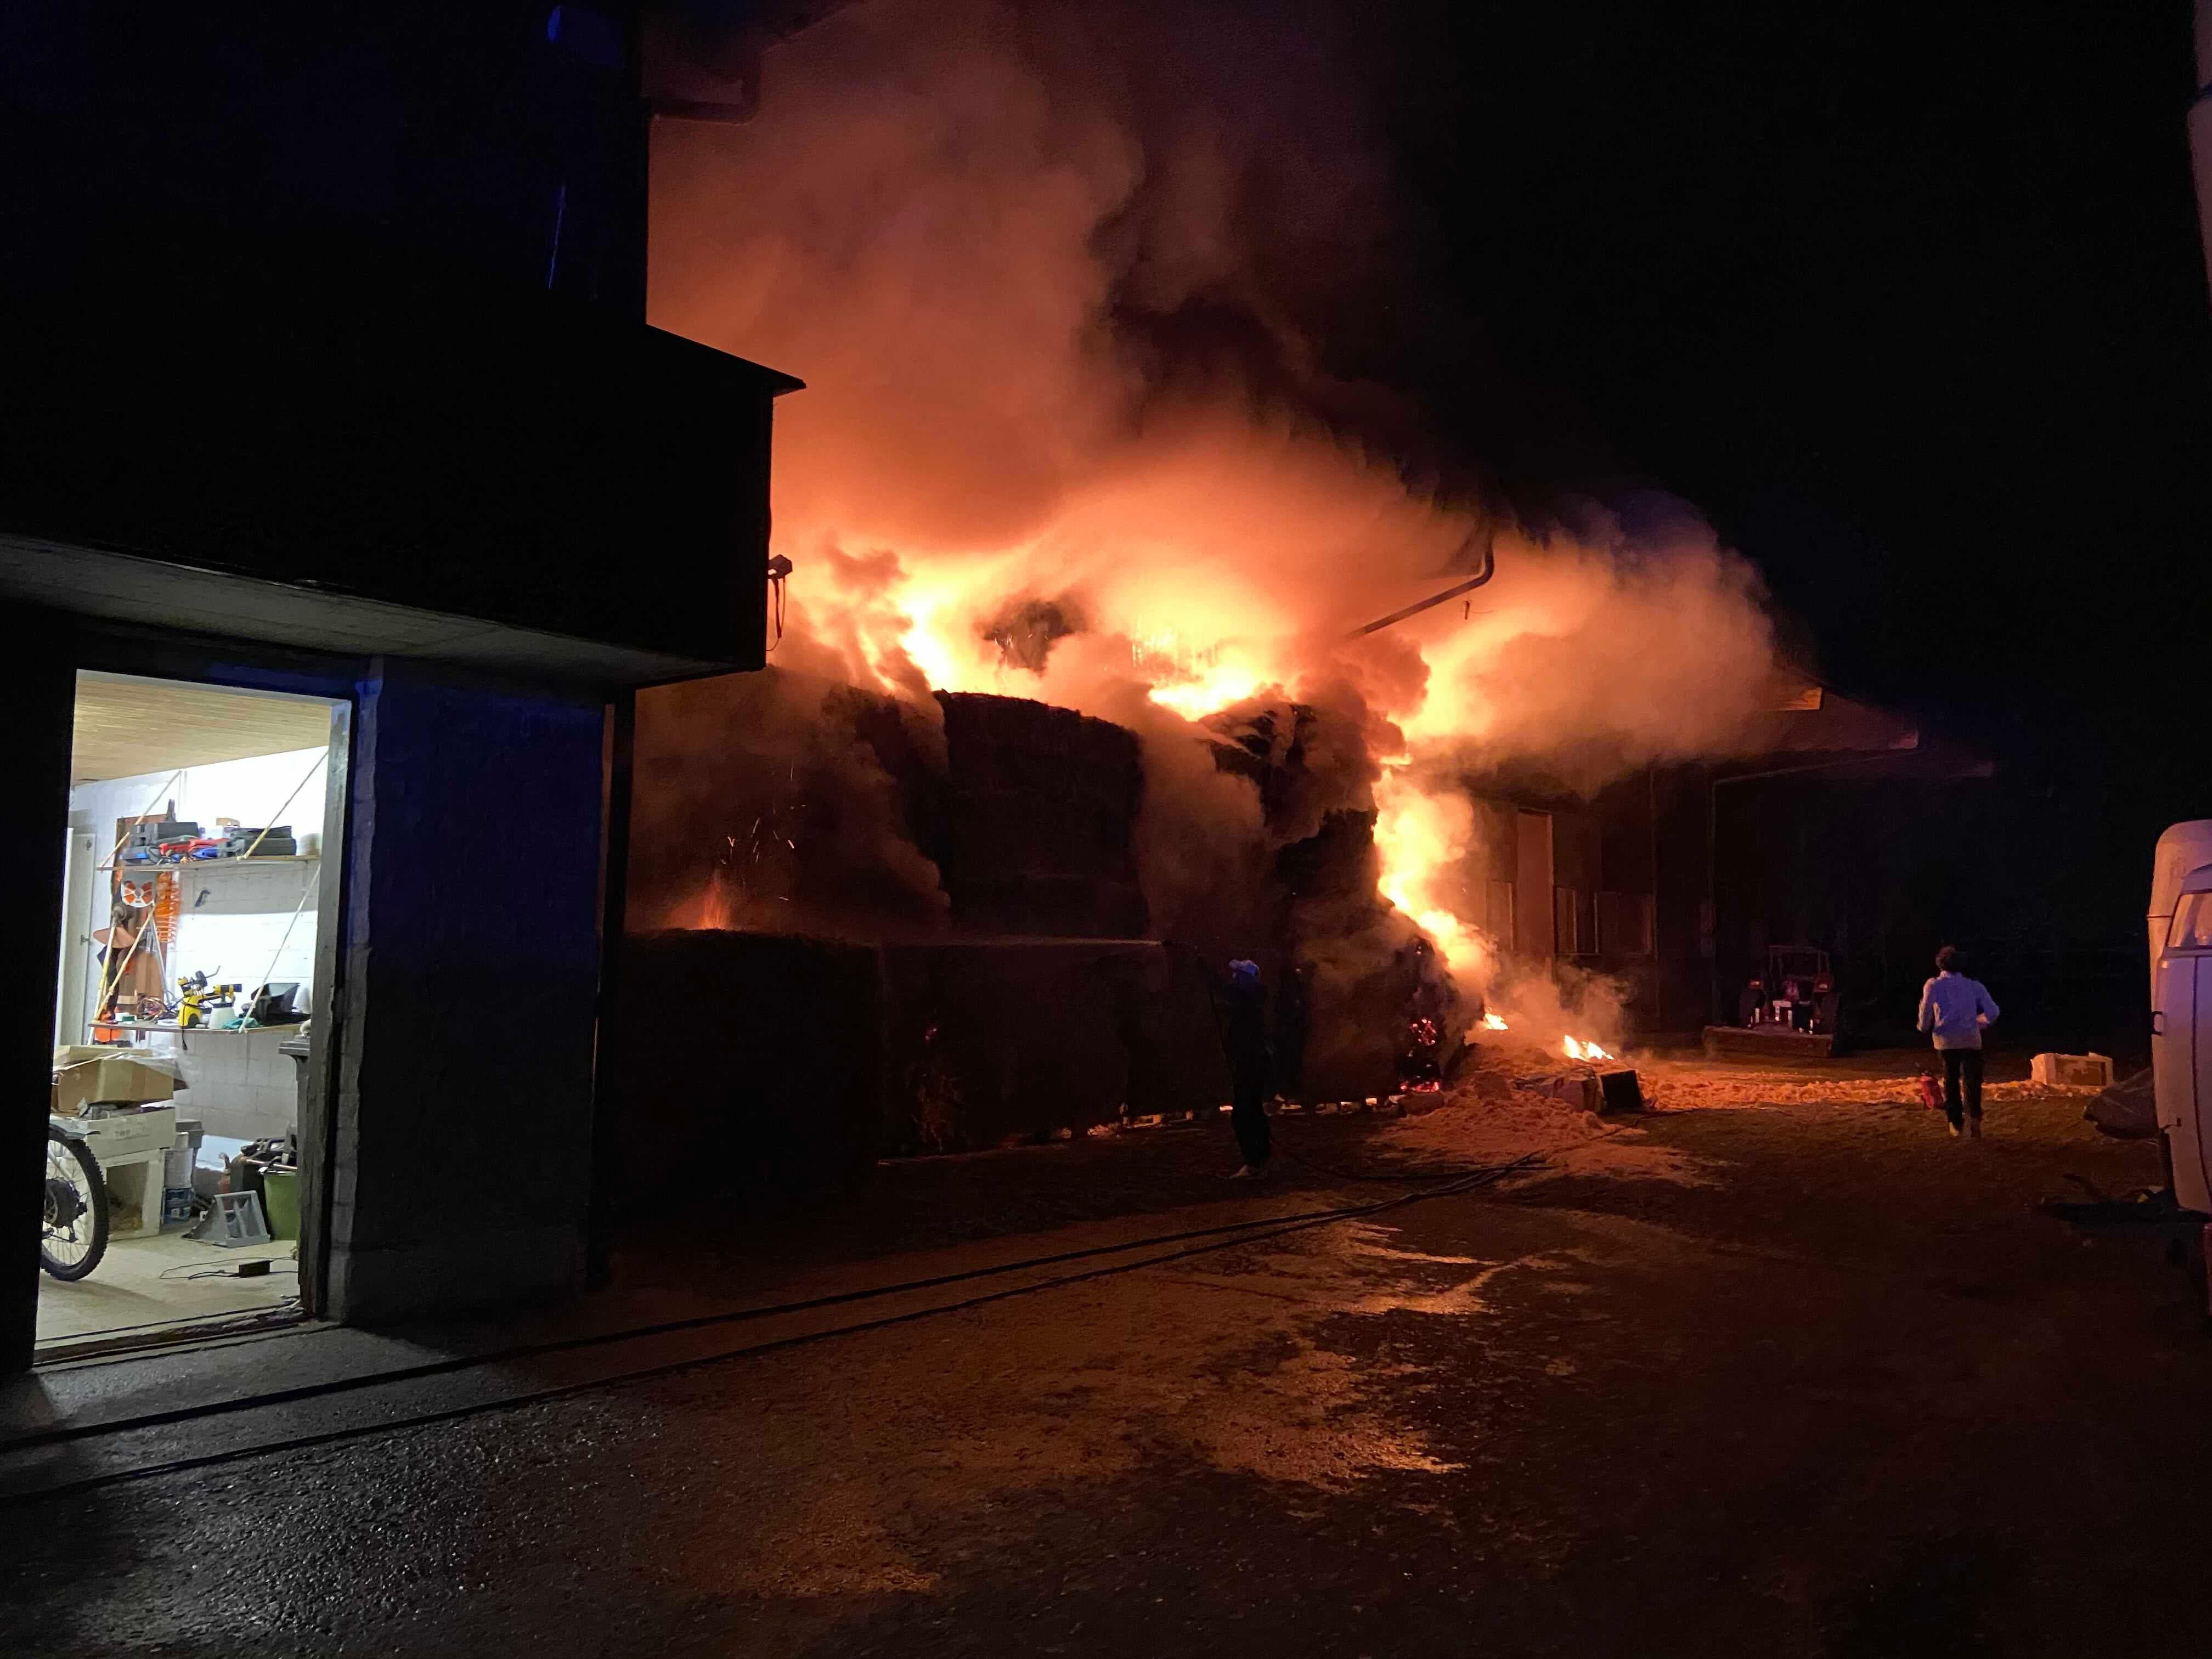 In der Nacht auf den 13. April hat es in einem Pferdestall in Würenlos gebrannt.